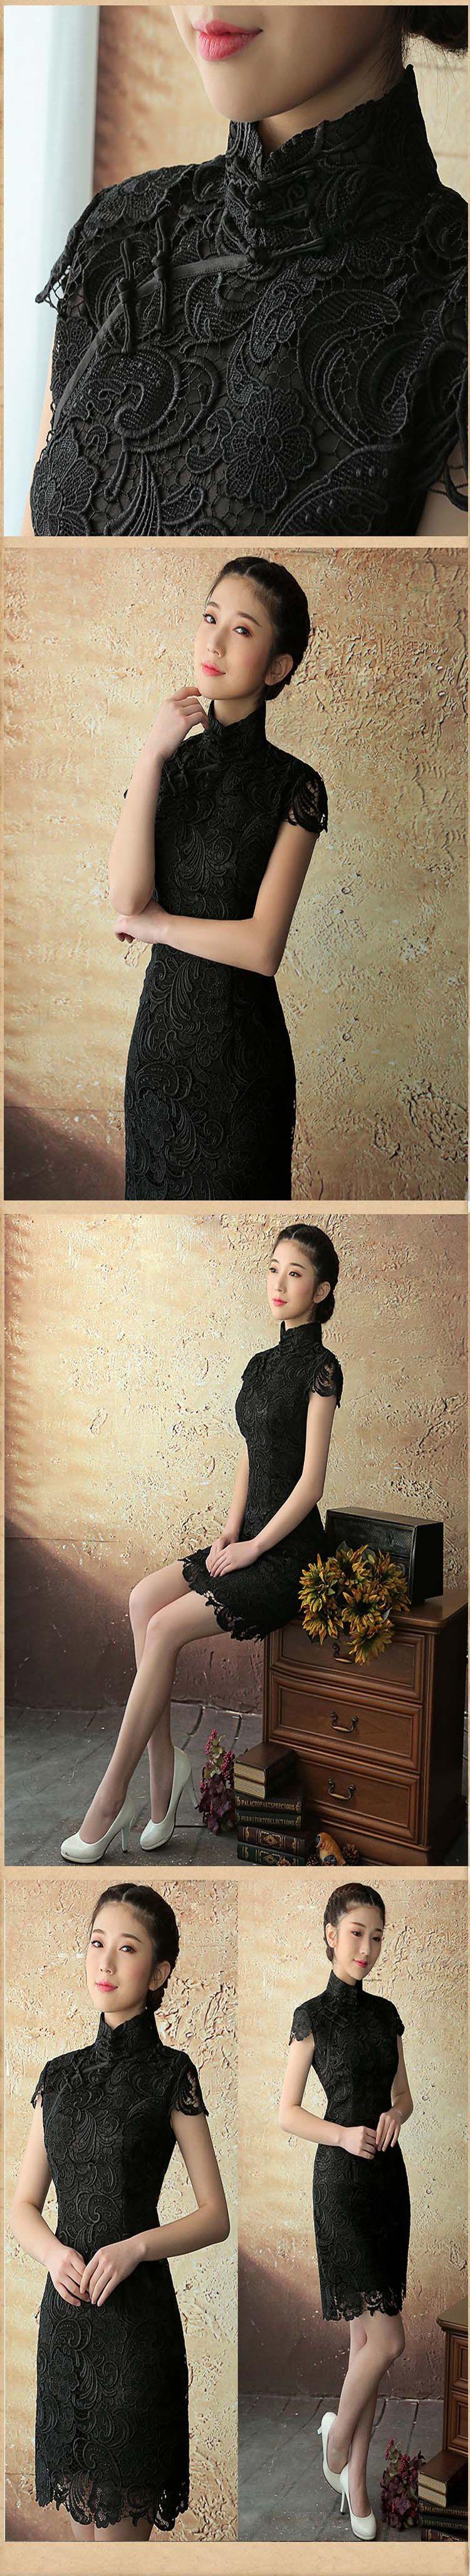 清影 蕾丝修身旗袍连衣裙